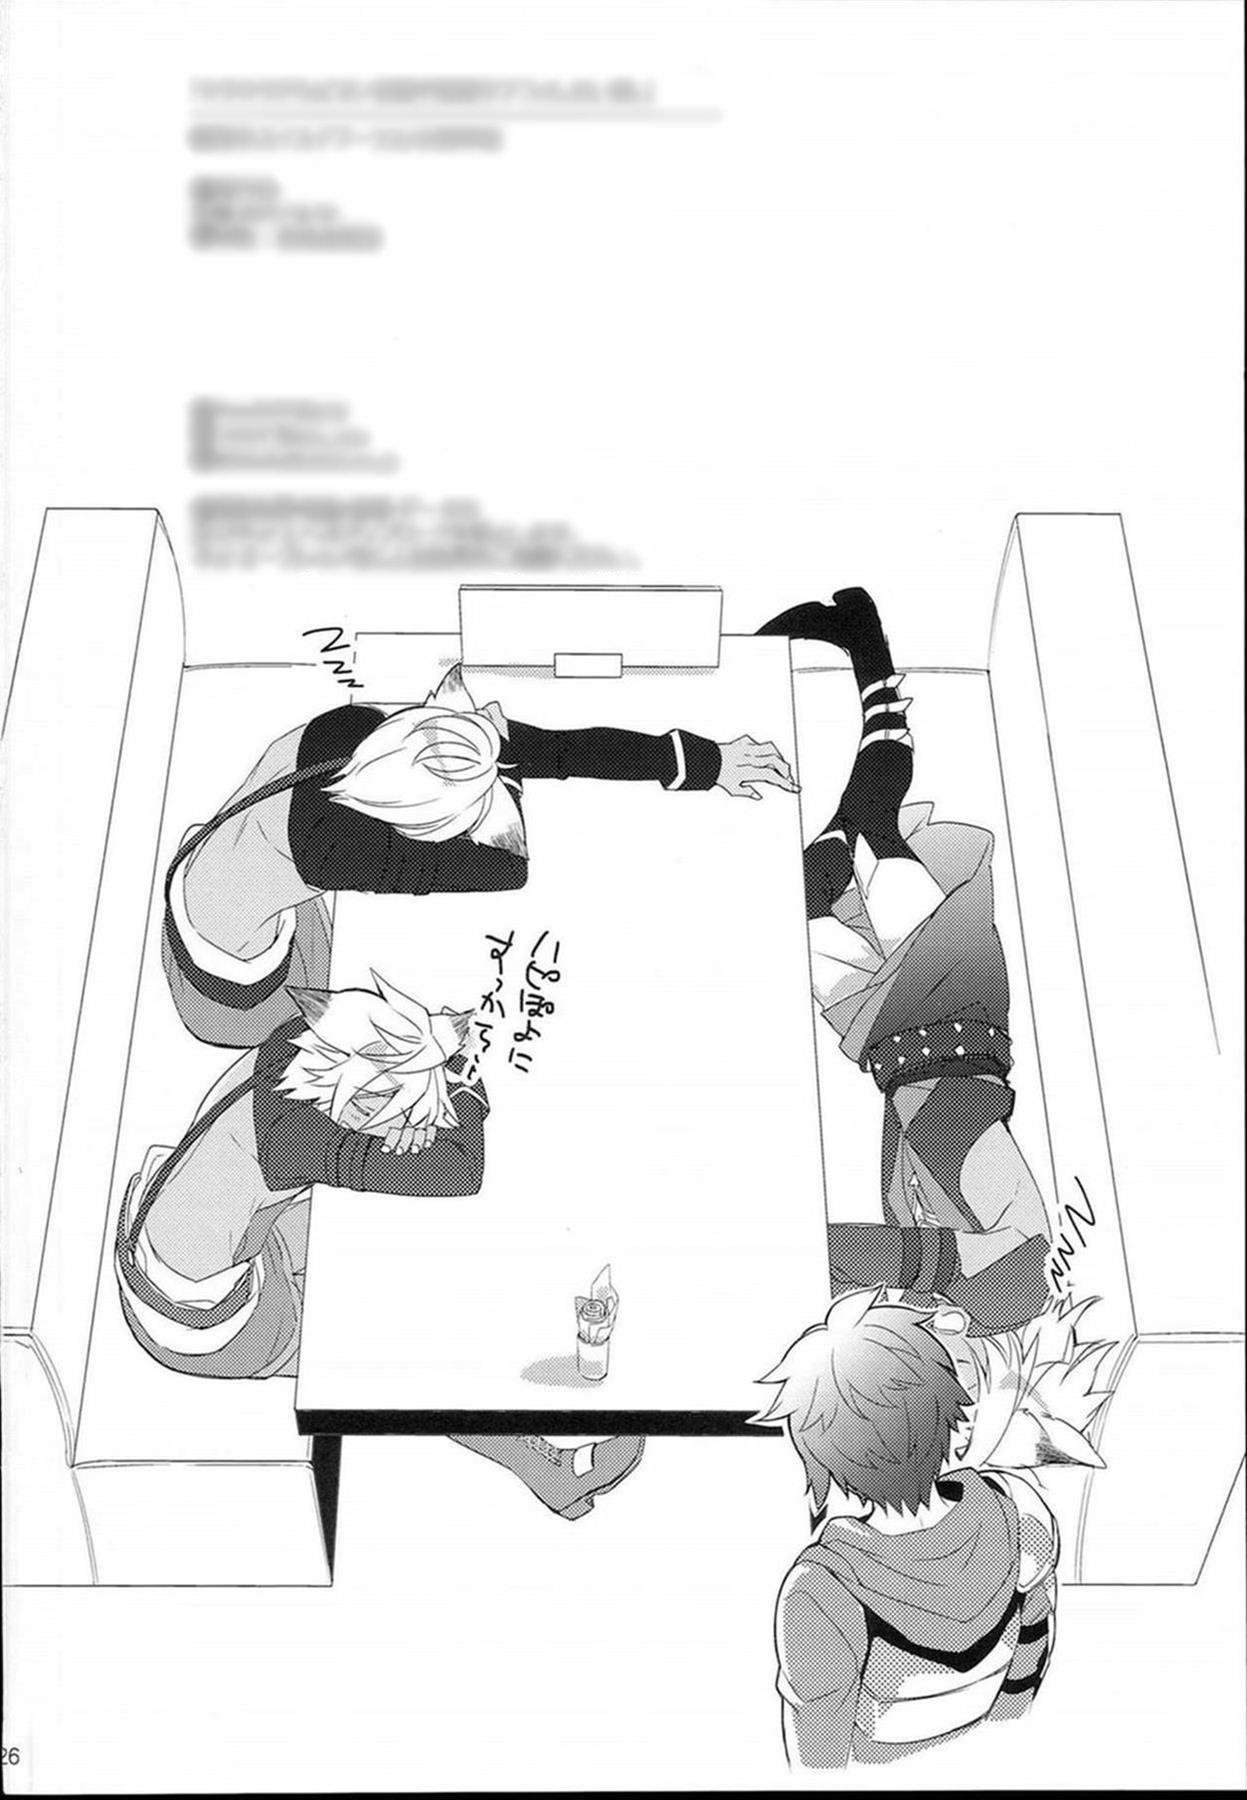 【エロ同人誌 グラブル】星晶獣のユグドラシルの巨乳が柔らかすぎてエルセムは我慢できずに…【無料 エロ漫画】 (25)